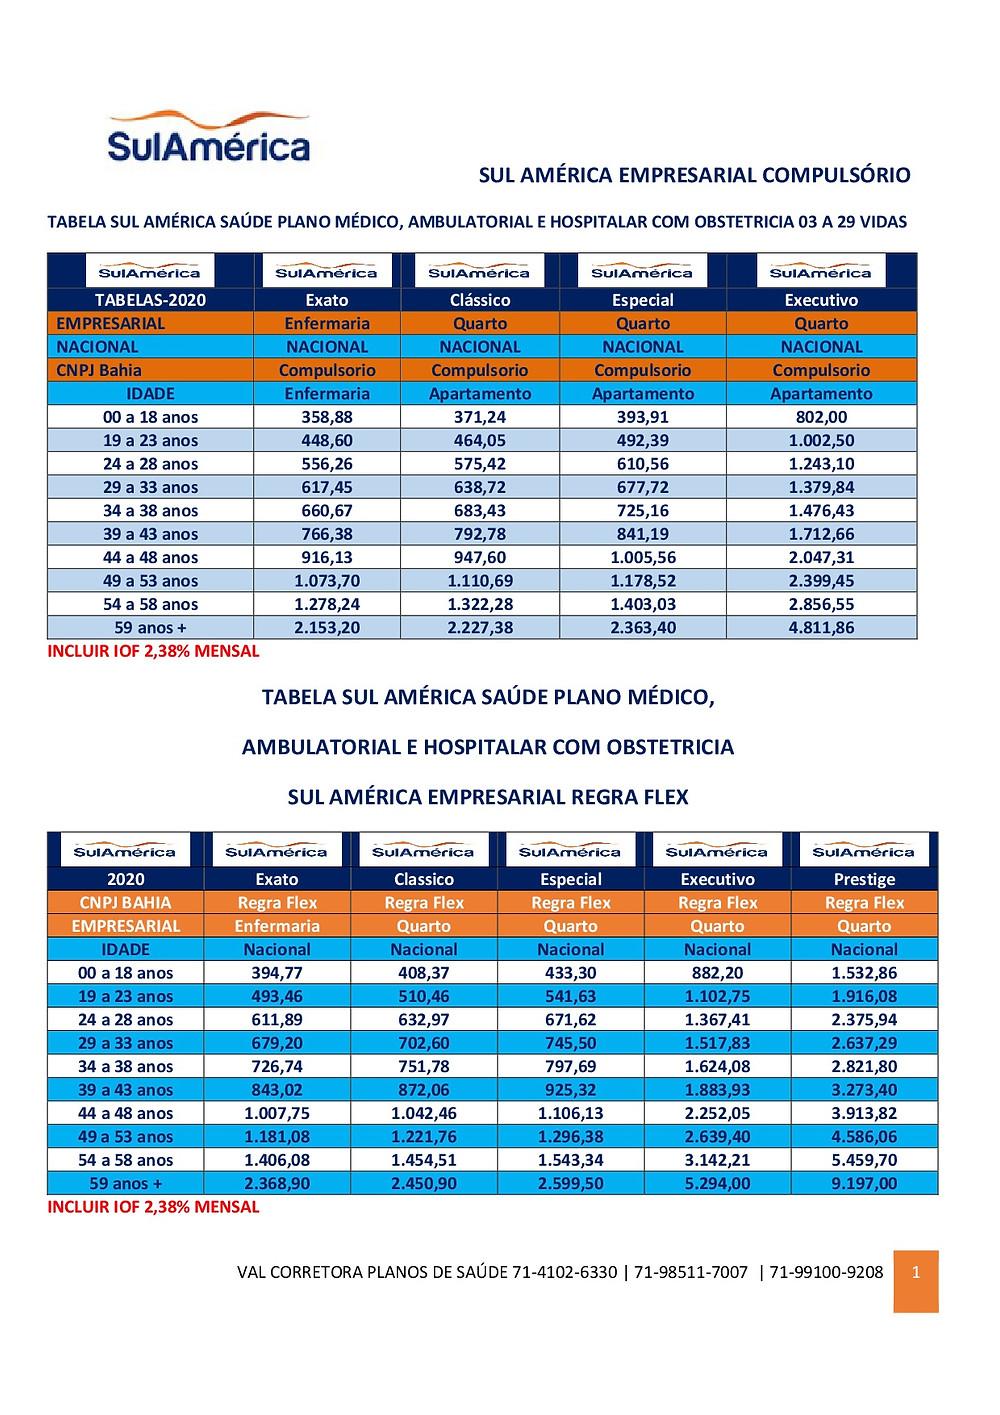 Tabelas de Preços SulAmerica Saude Empresas com CNPJ do Estado da Bahia